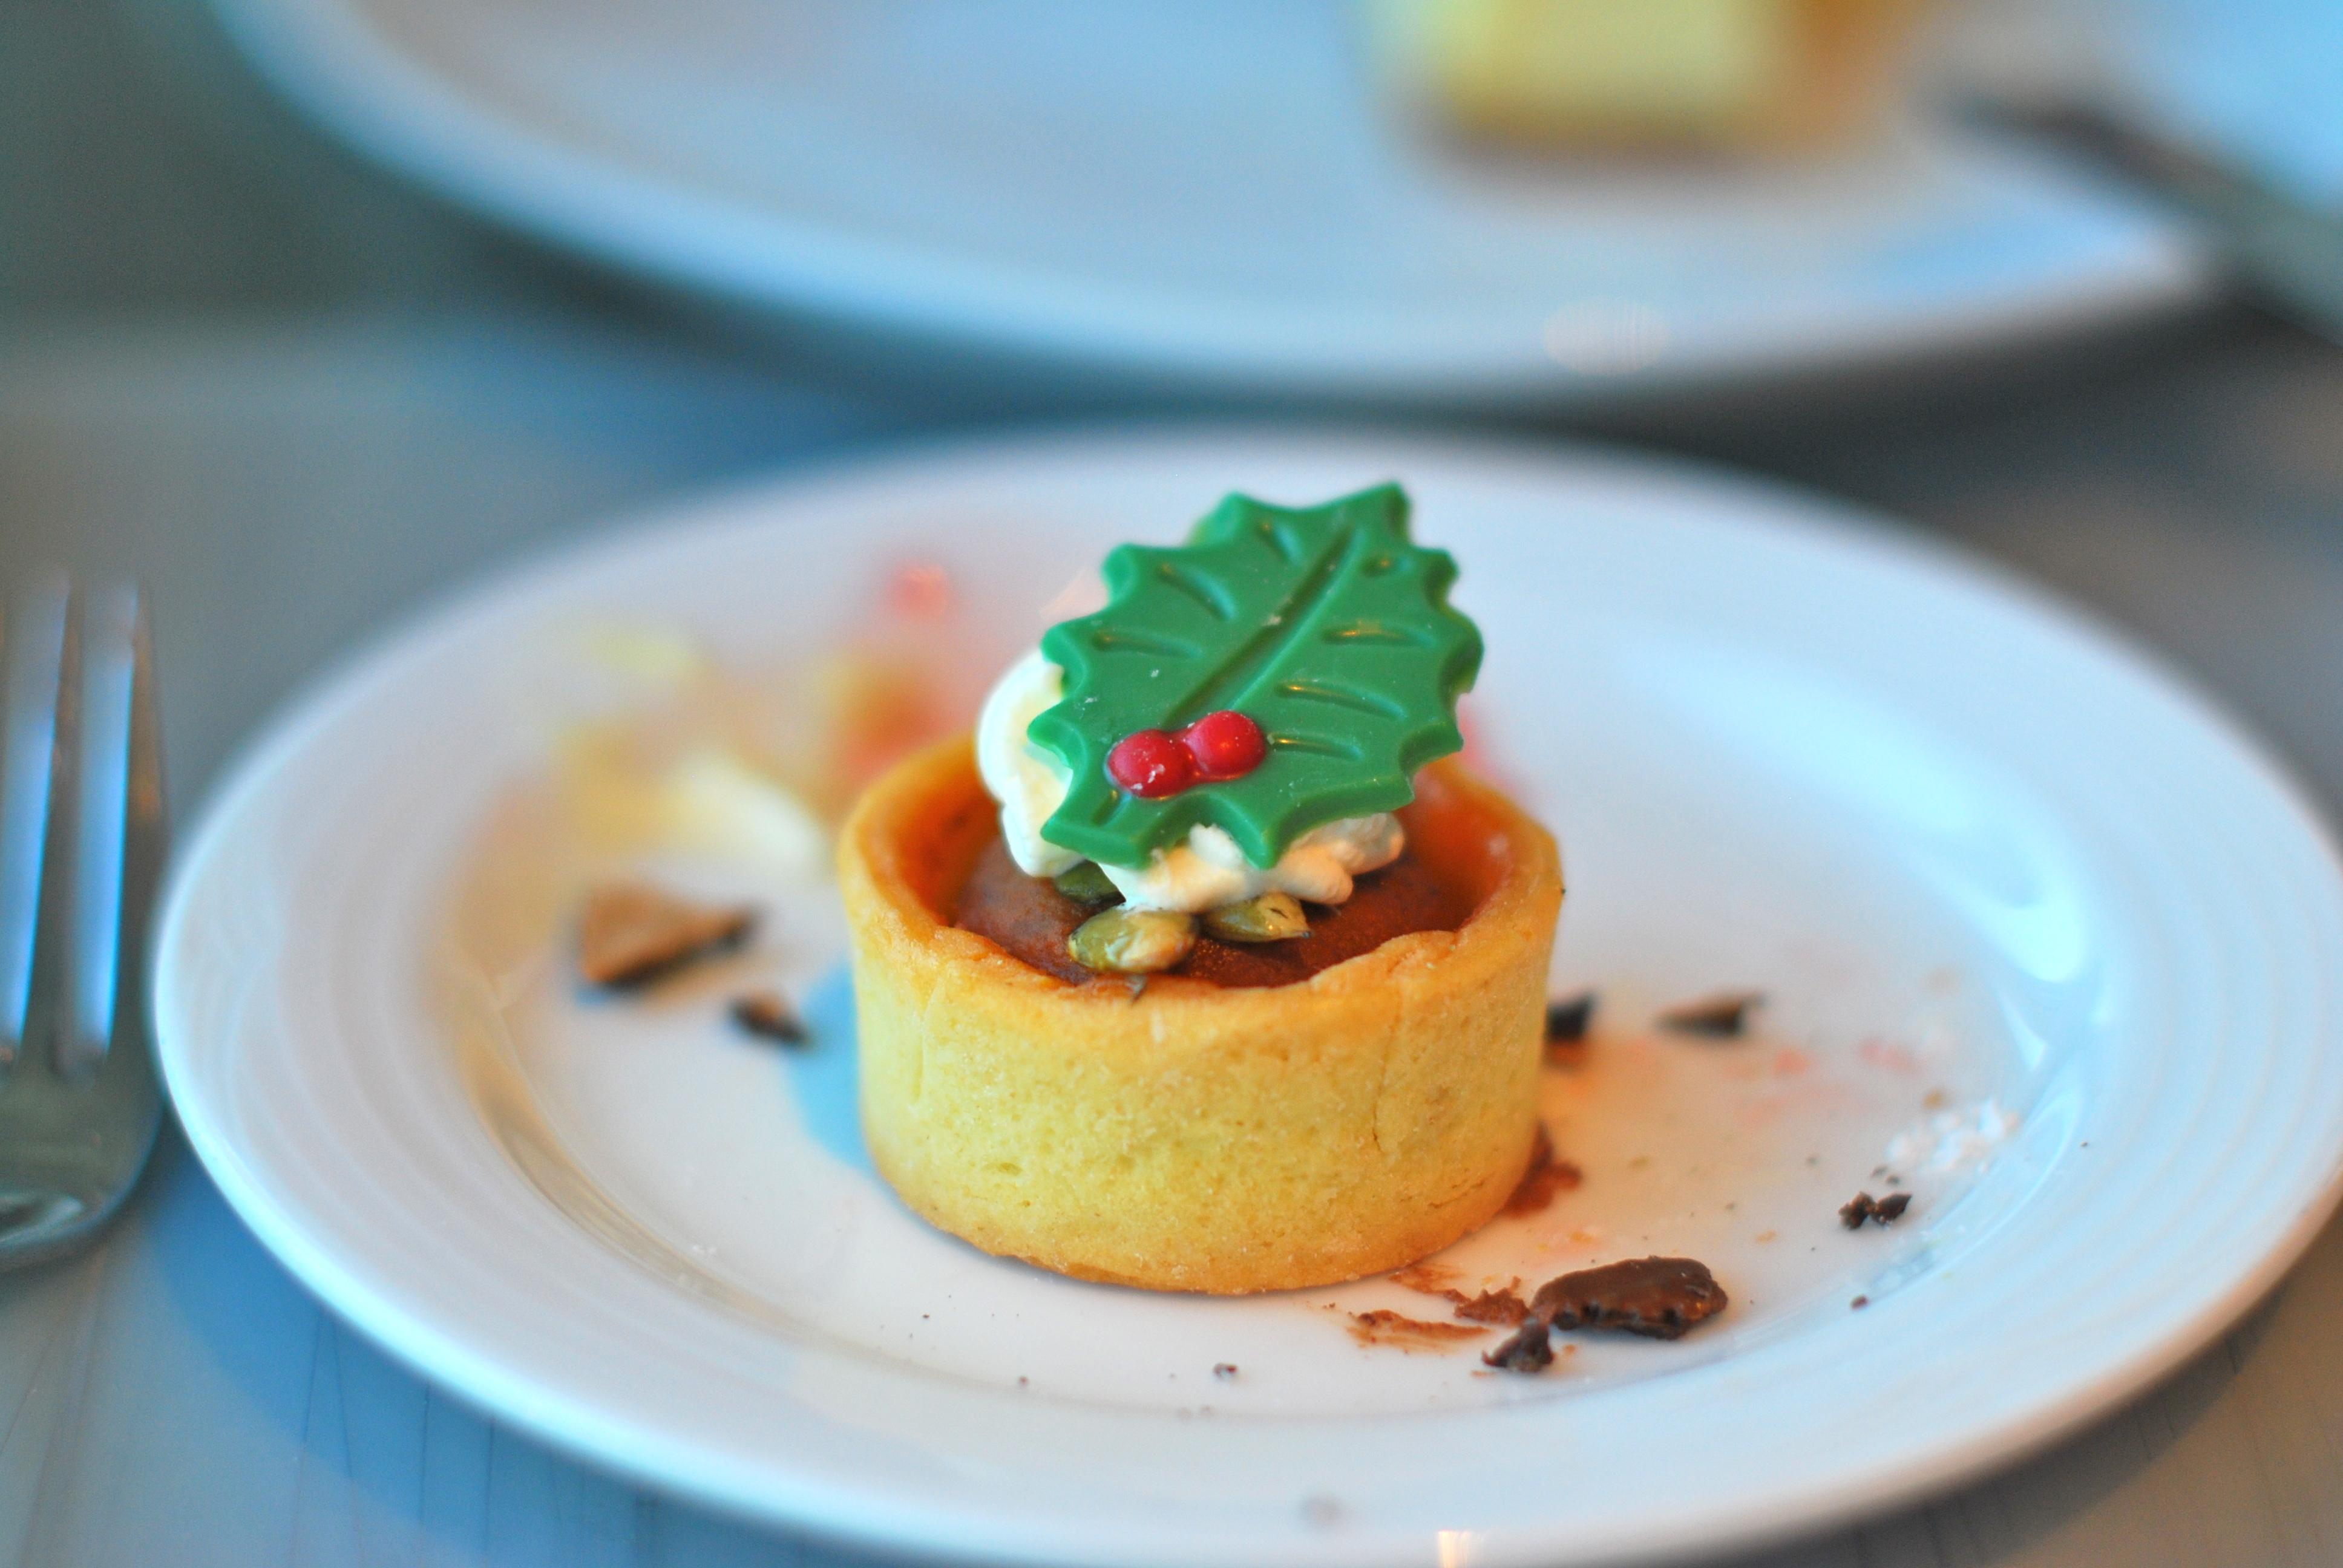 デスクトップ壁紙 表 ニコン ケーキ クリスマス デザート バンクーバー 料理 Nikond60 皿 ベジタリアンフード テーブルトップ カナッペ Nikkor50mmf14g アフタヌーンティー Finger Food 3872x2592 デスクトップ壁紙 Wallhere